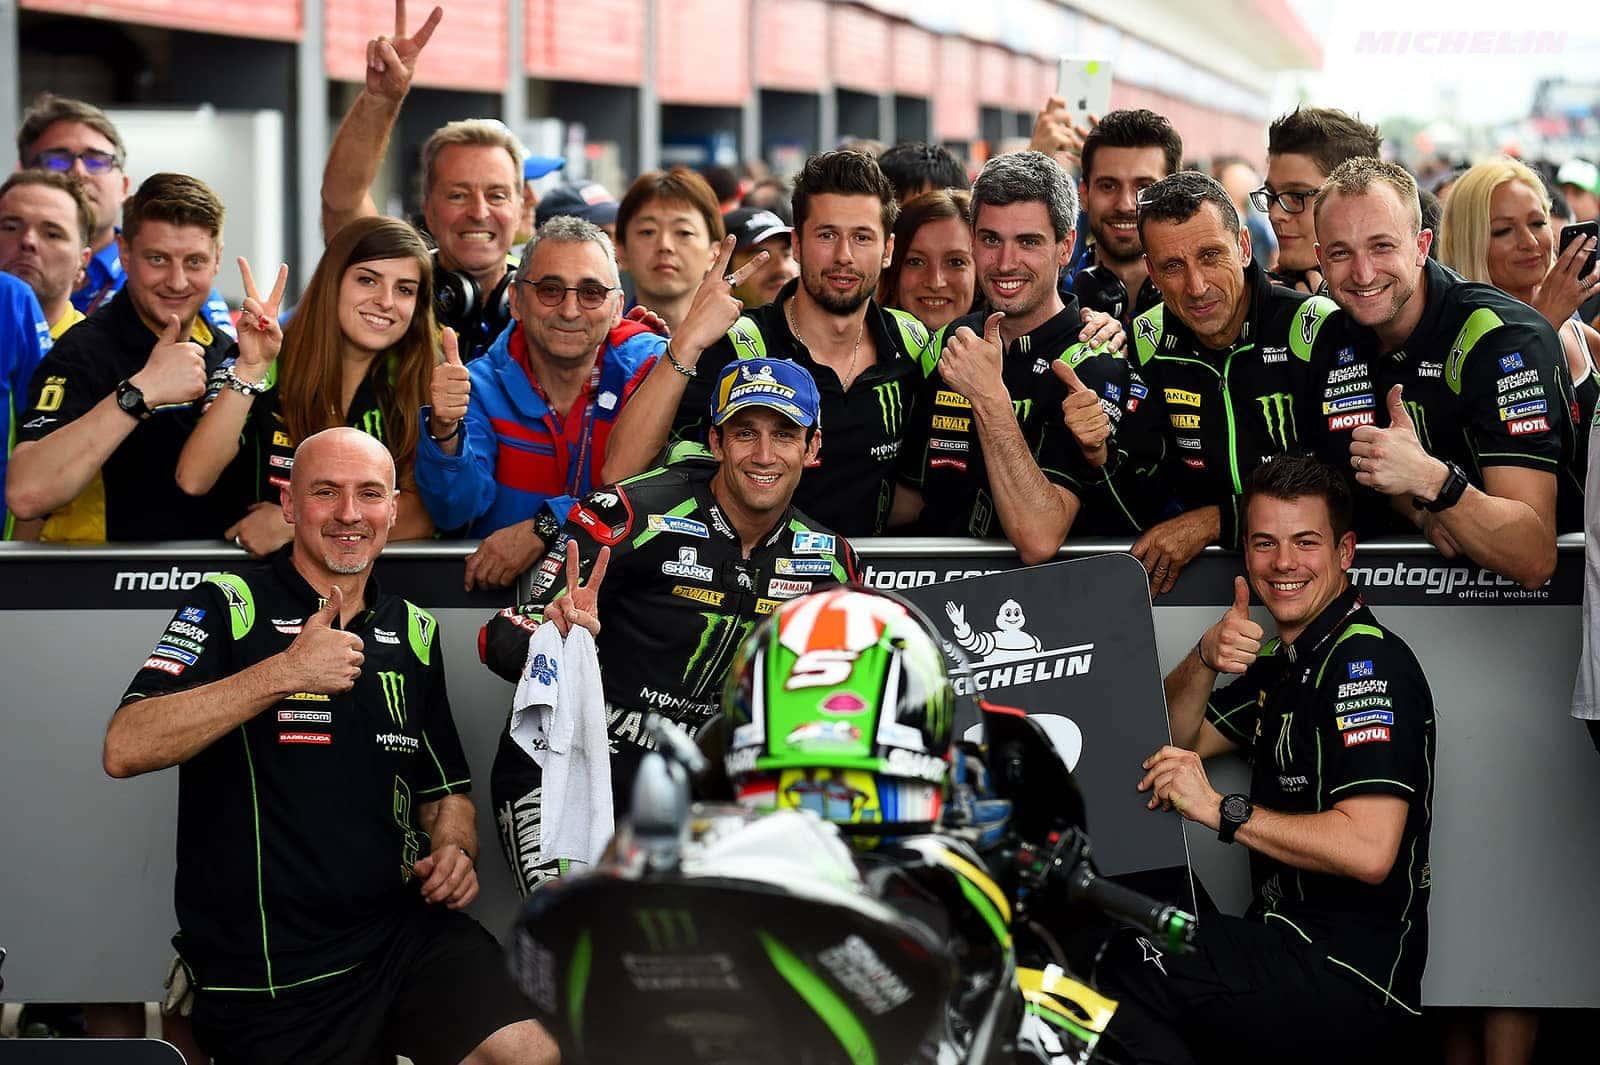 ★MotoGP2018アメリカGP ザルコ「MotoGPクラス初優勝のことは当然考えてしまう」